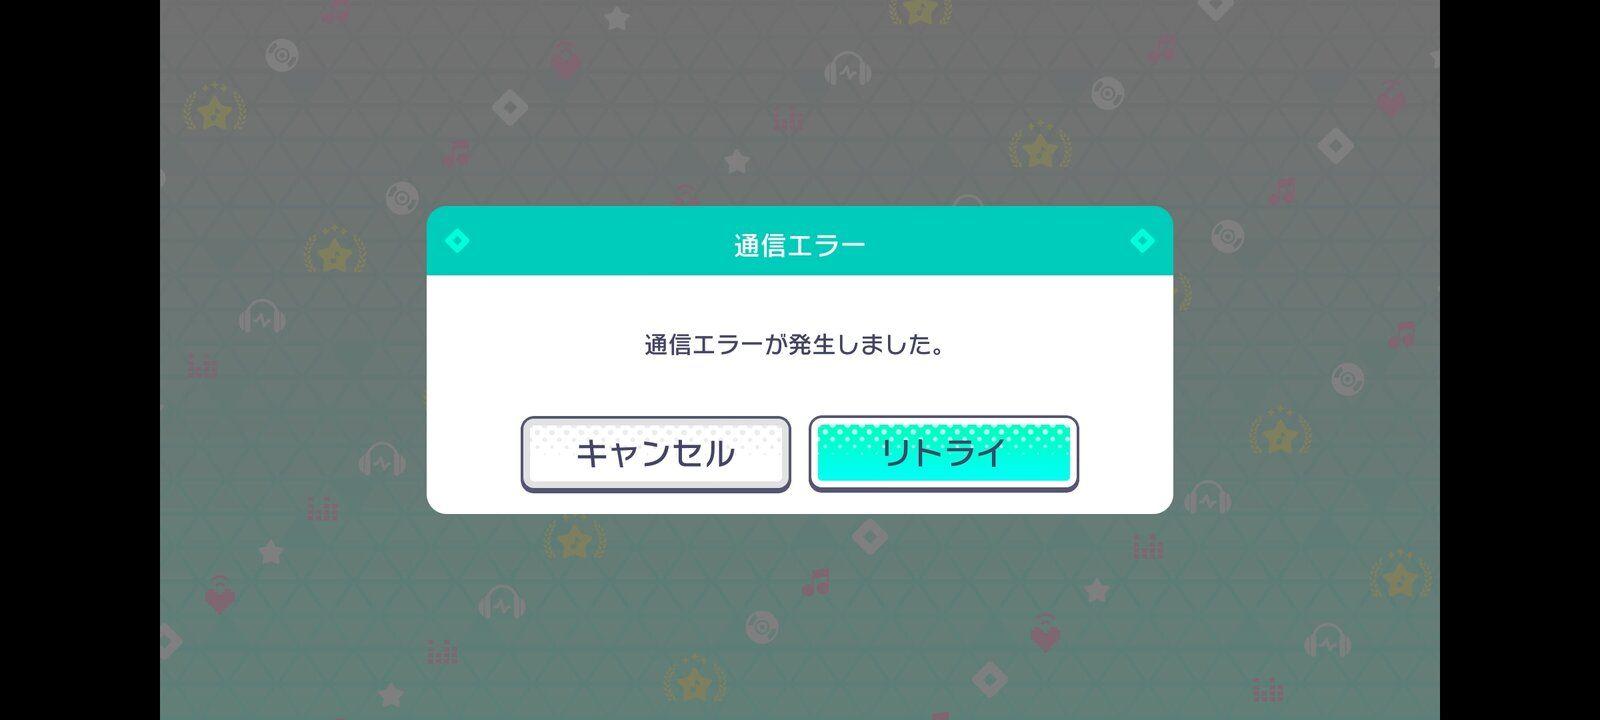 Screenshot_20201109-101629.jpg